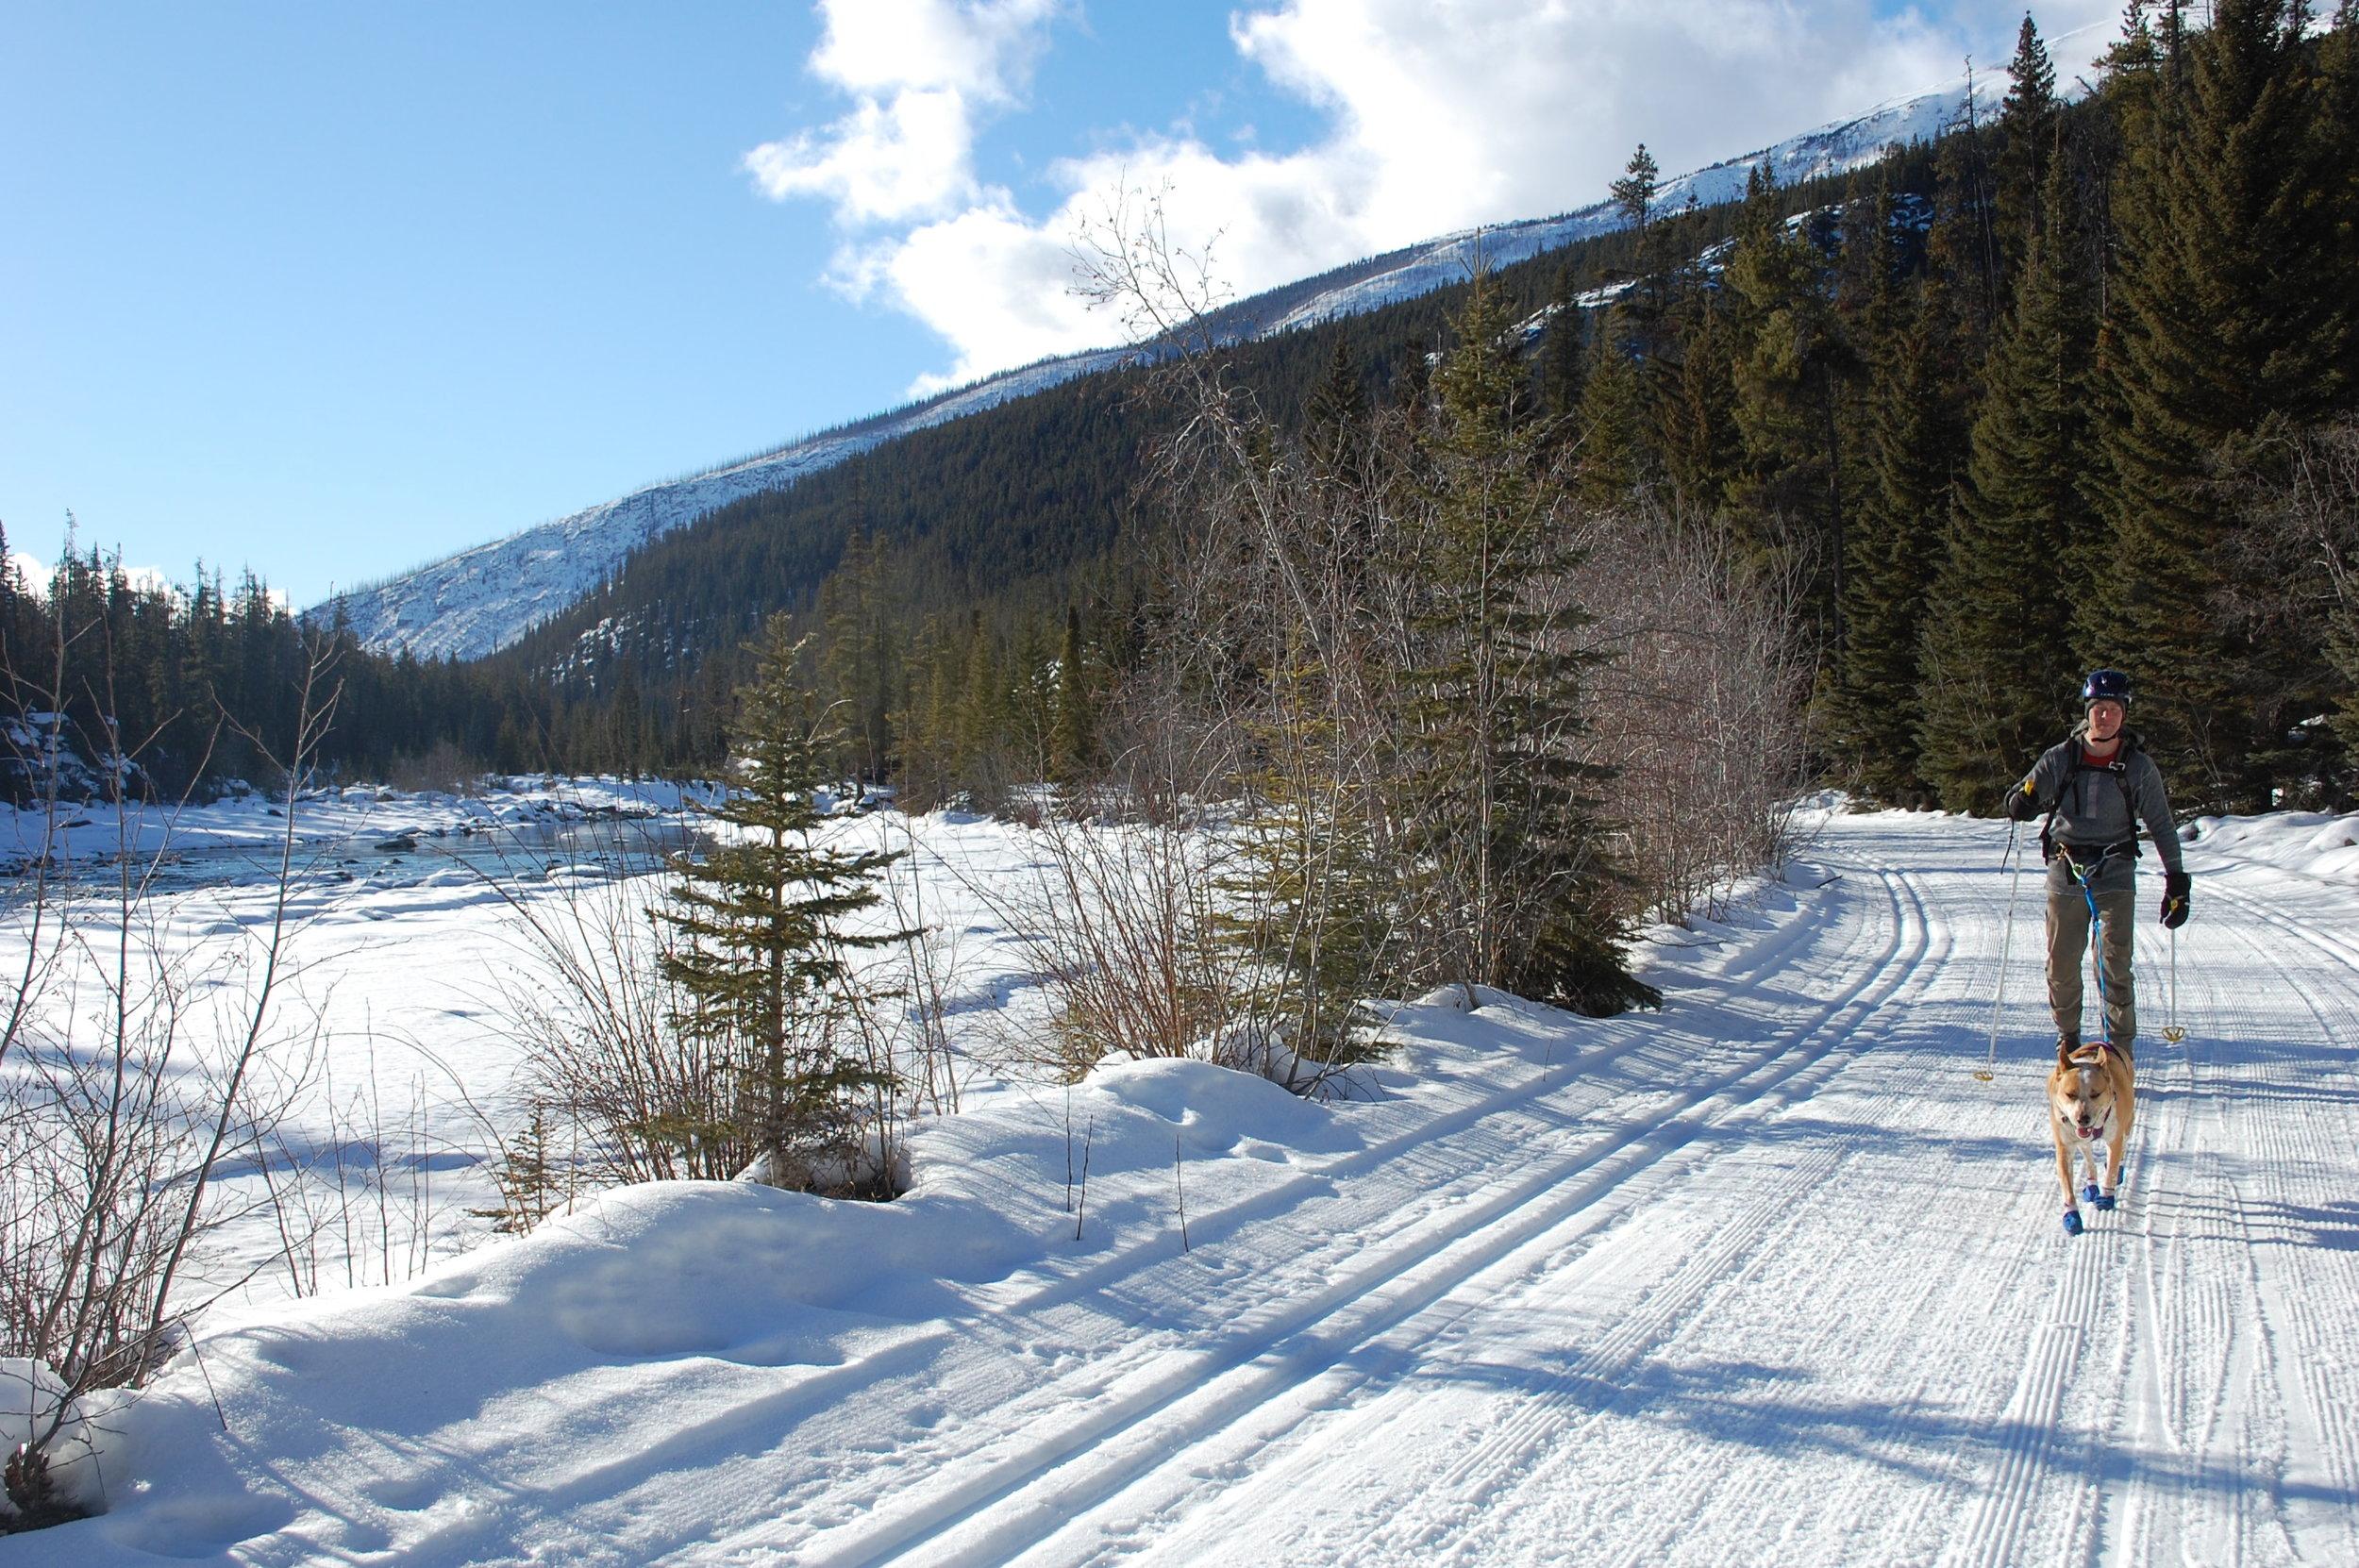 Skijoring along the Whirlpool River Jasper National Park, AB